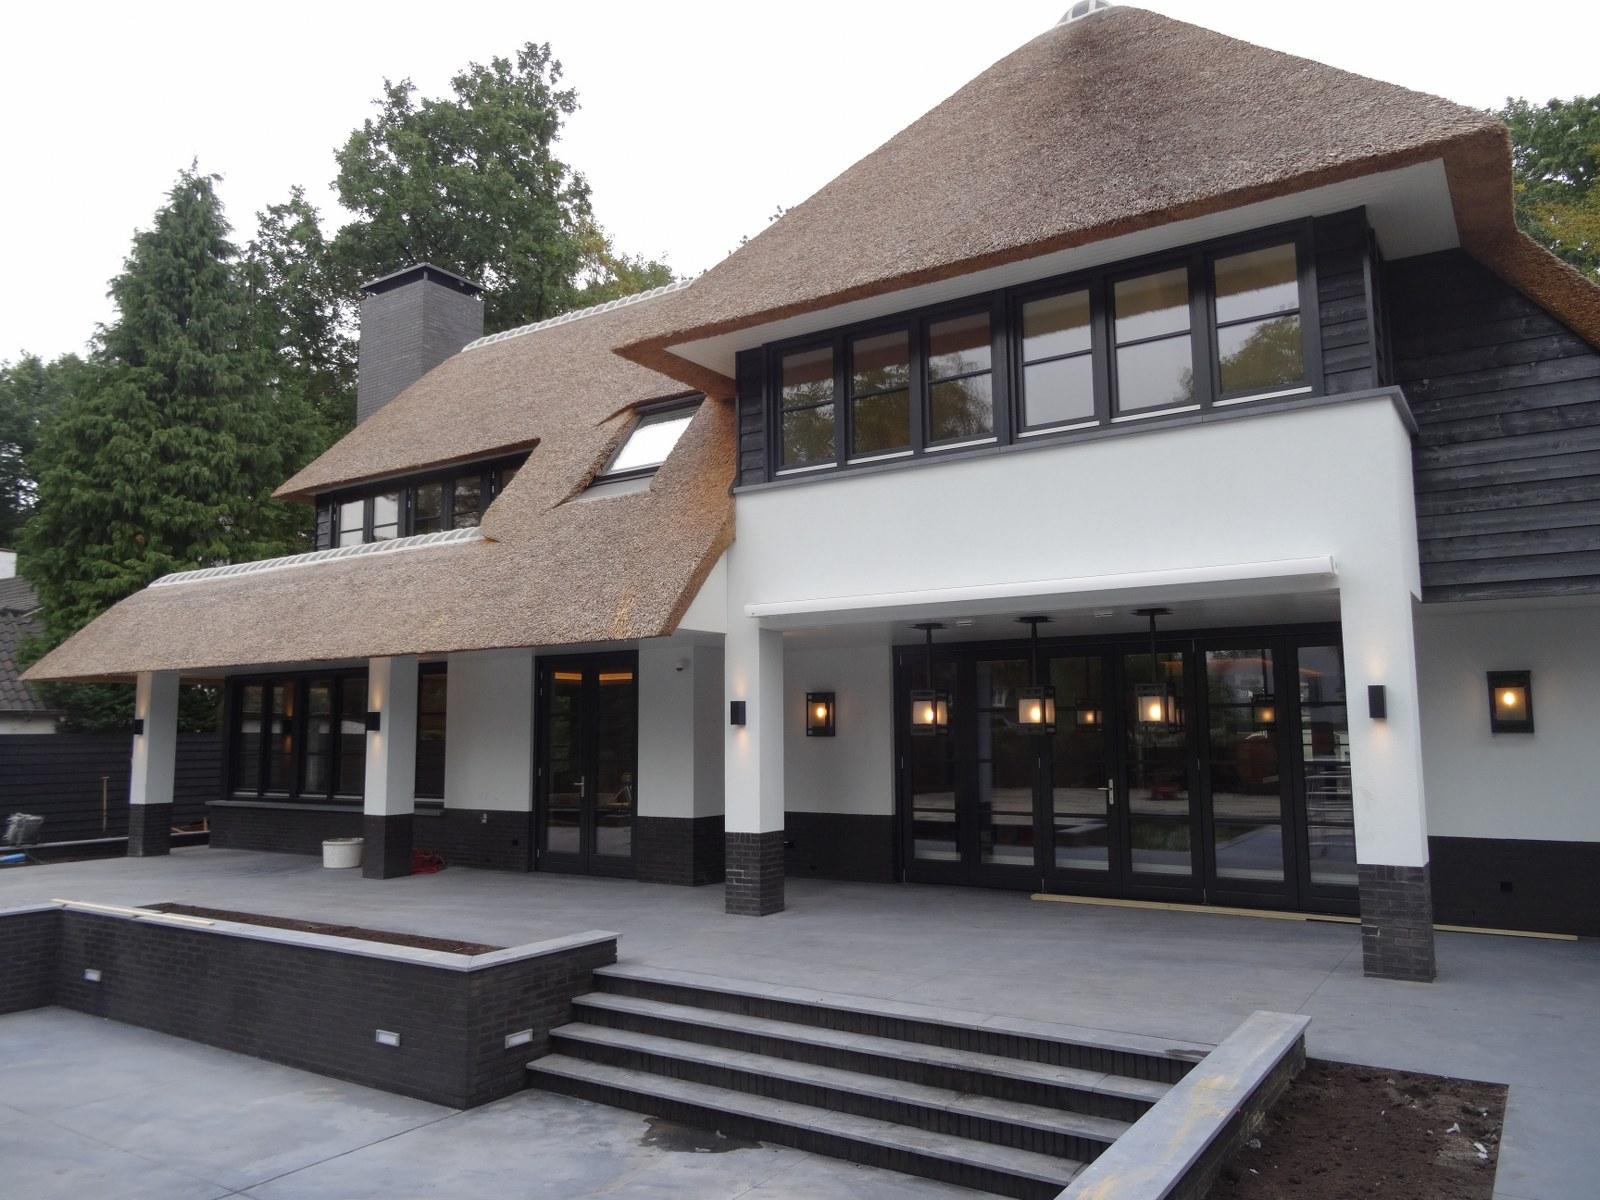 Warandelaan oosterhout marcel de ruiter - Moderne verdieping ...